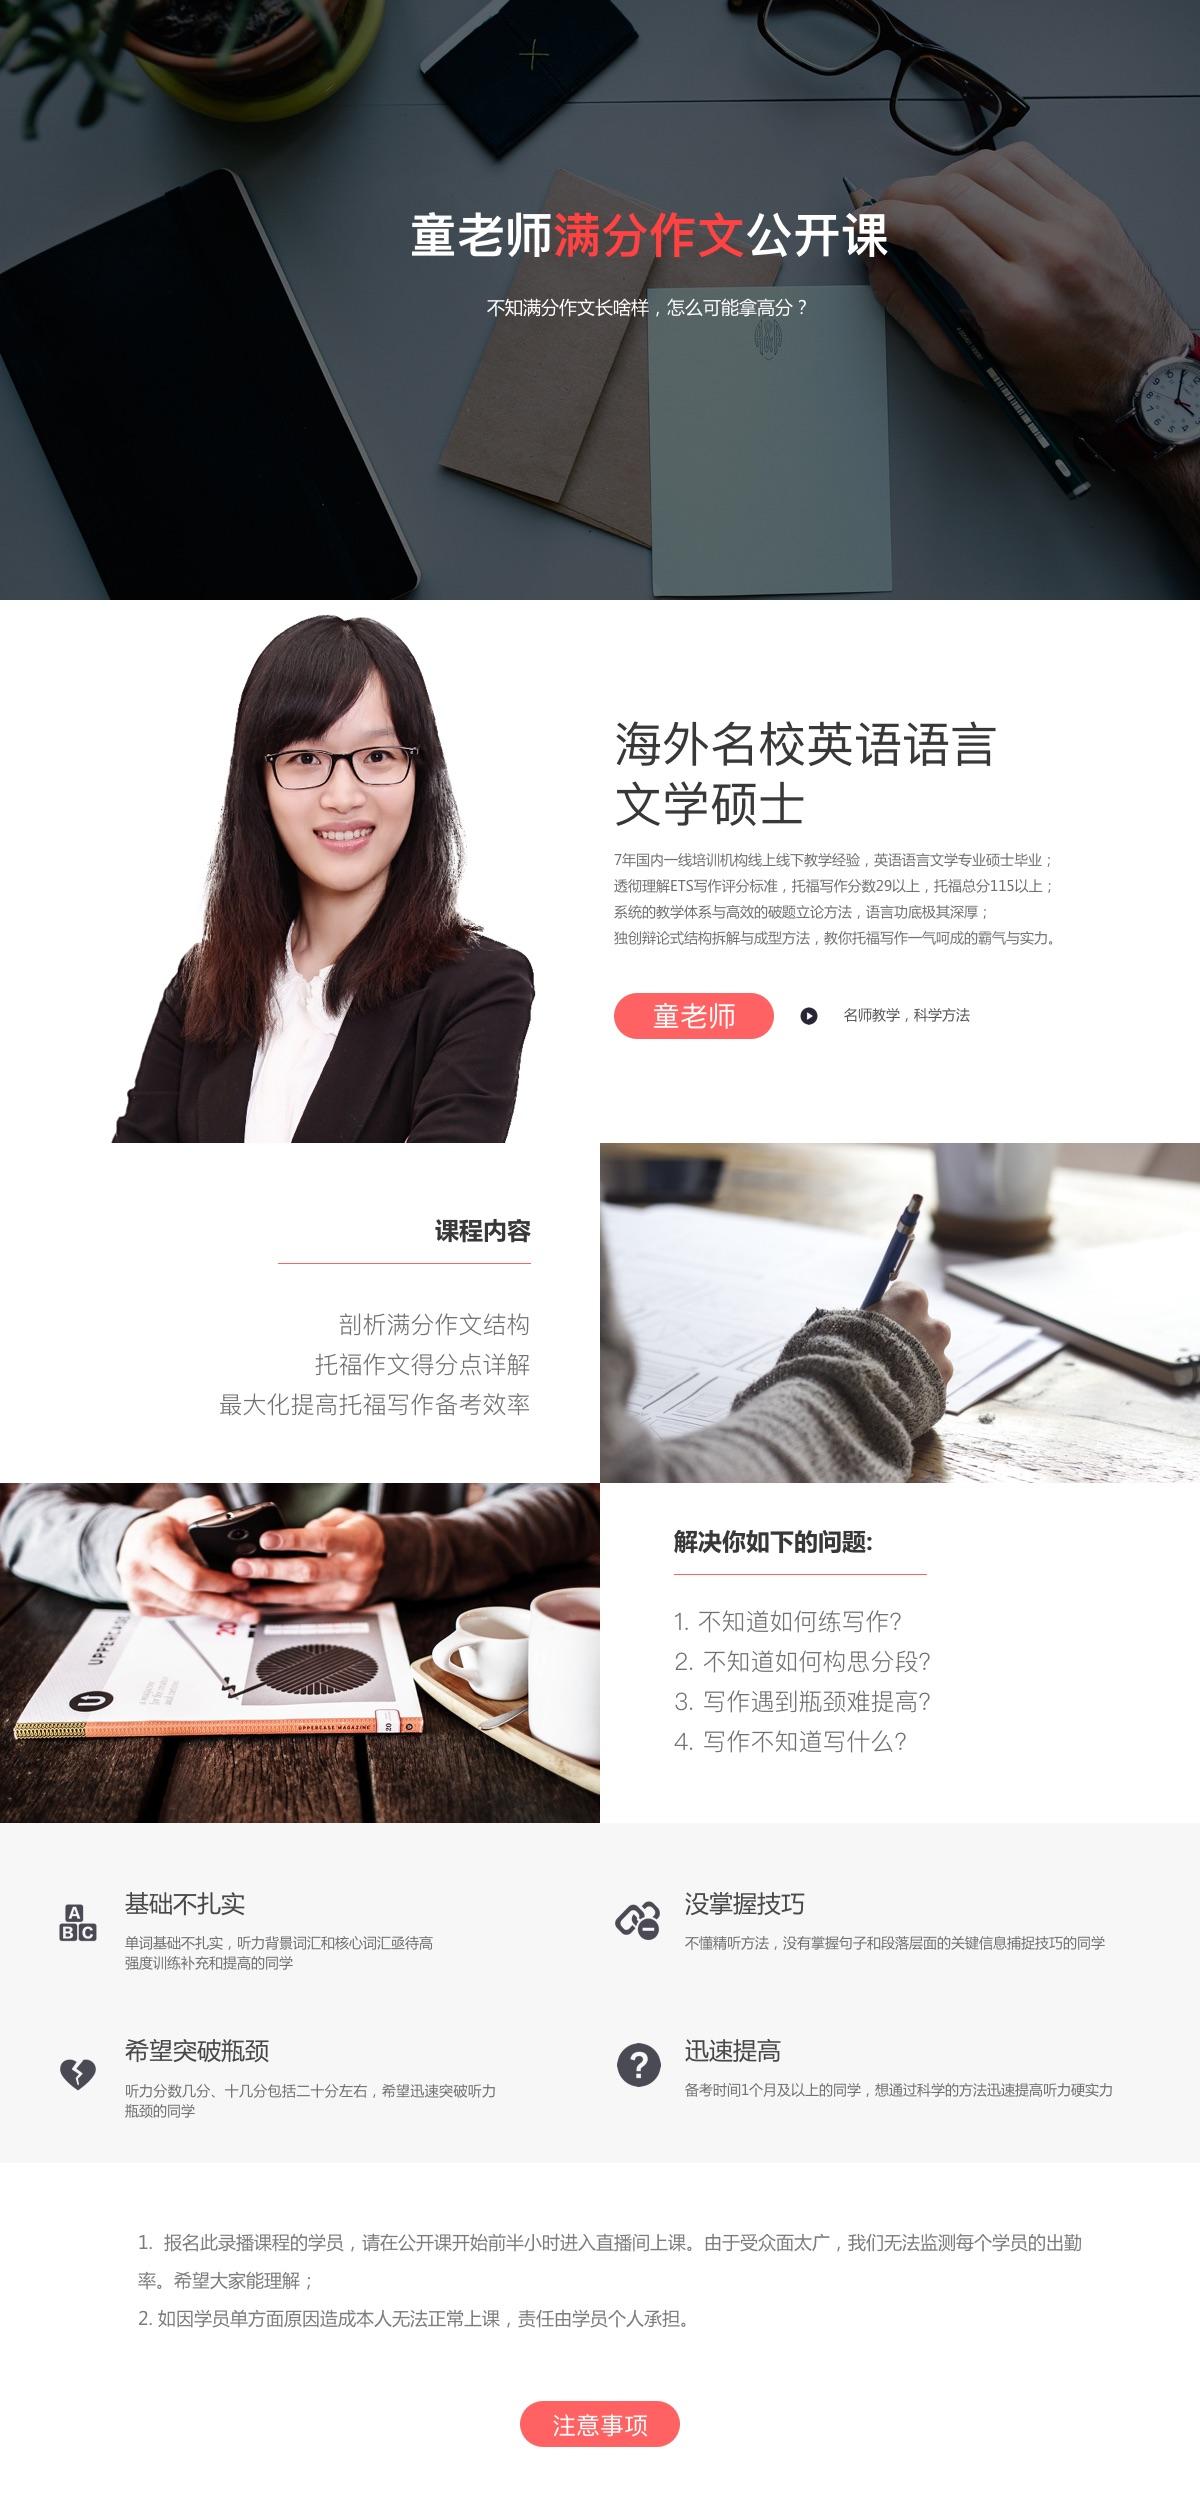 PC-满分作文公开课.jpg